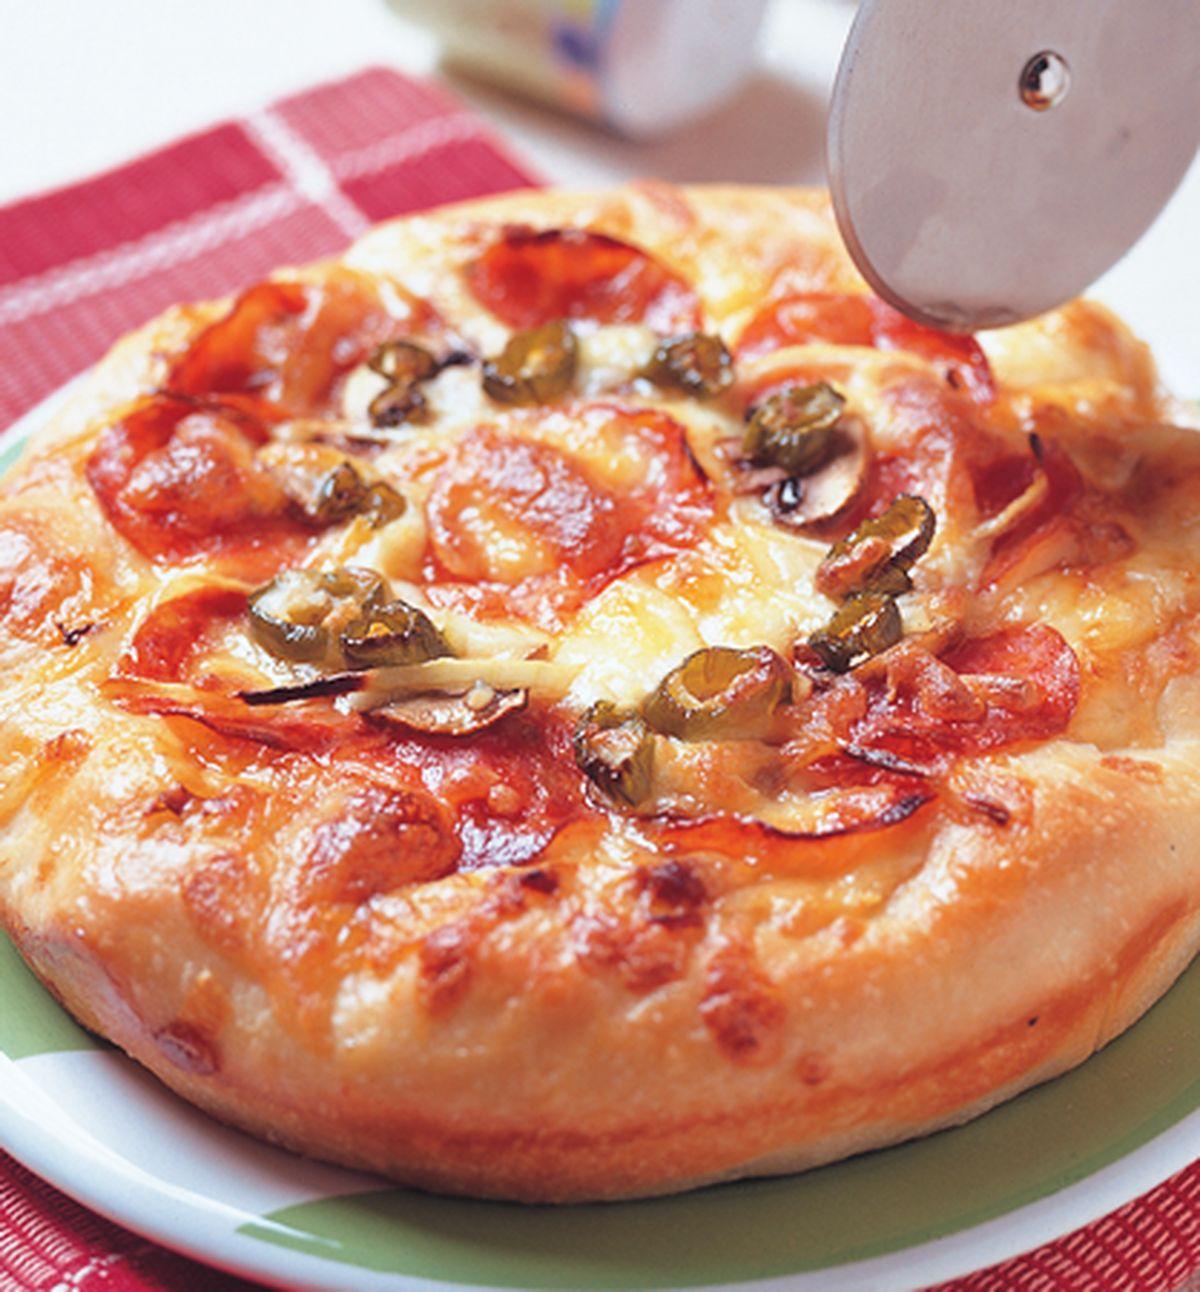 【食譜】超辣墨西哥披薩:www.ytower.com.tw